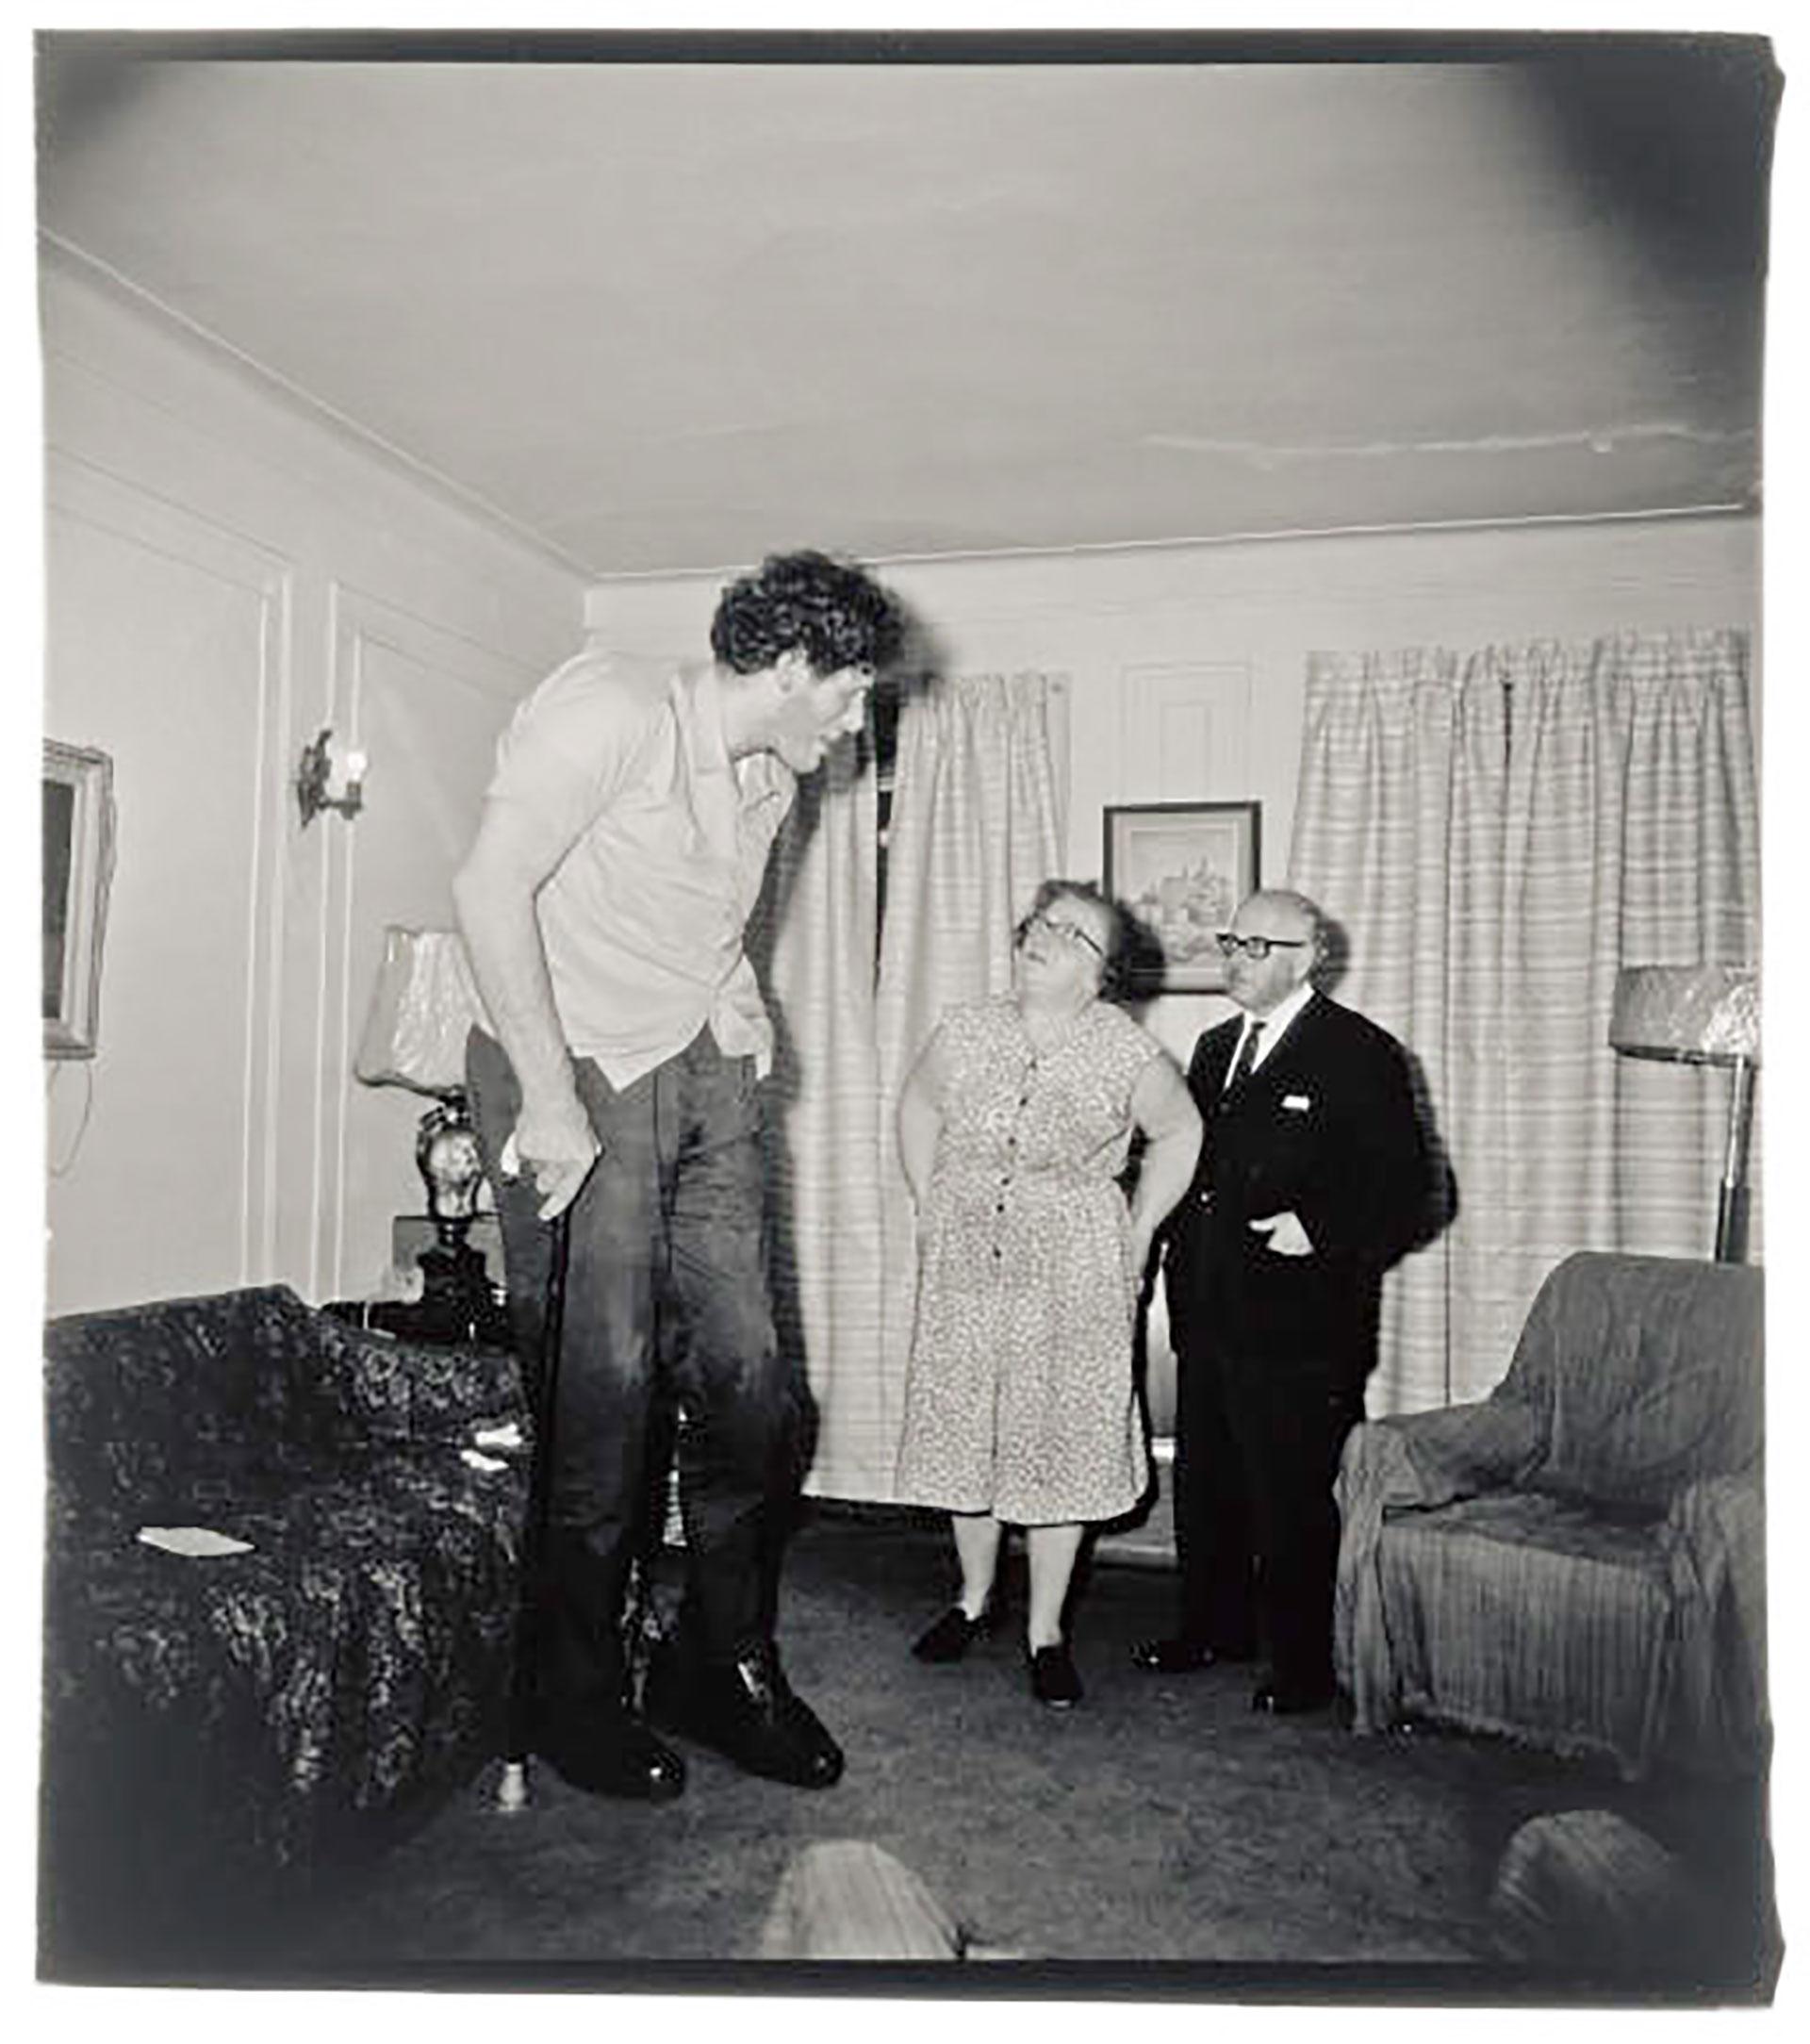 Eddie Carmel, el judío gigante, junto a sus padres en su casa del Bronx, 1970.